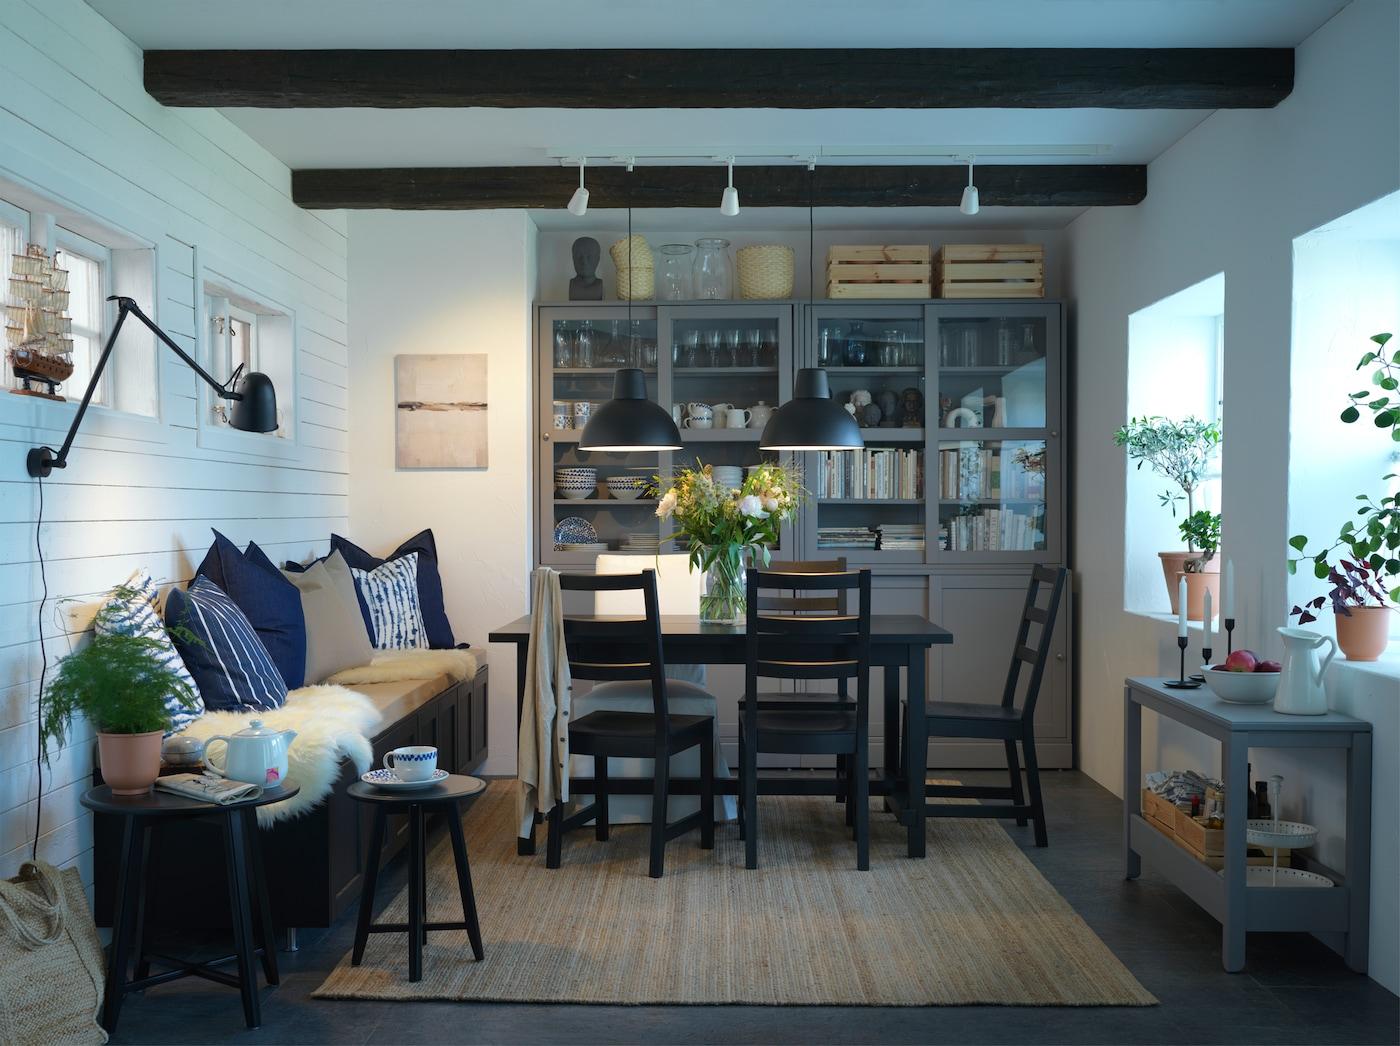 суть использования дизайн квартиры с икеа фото куликова признаётся, что